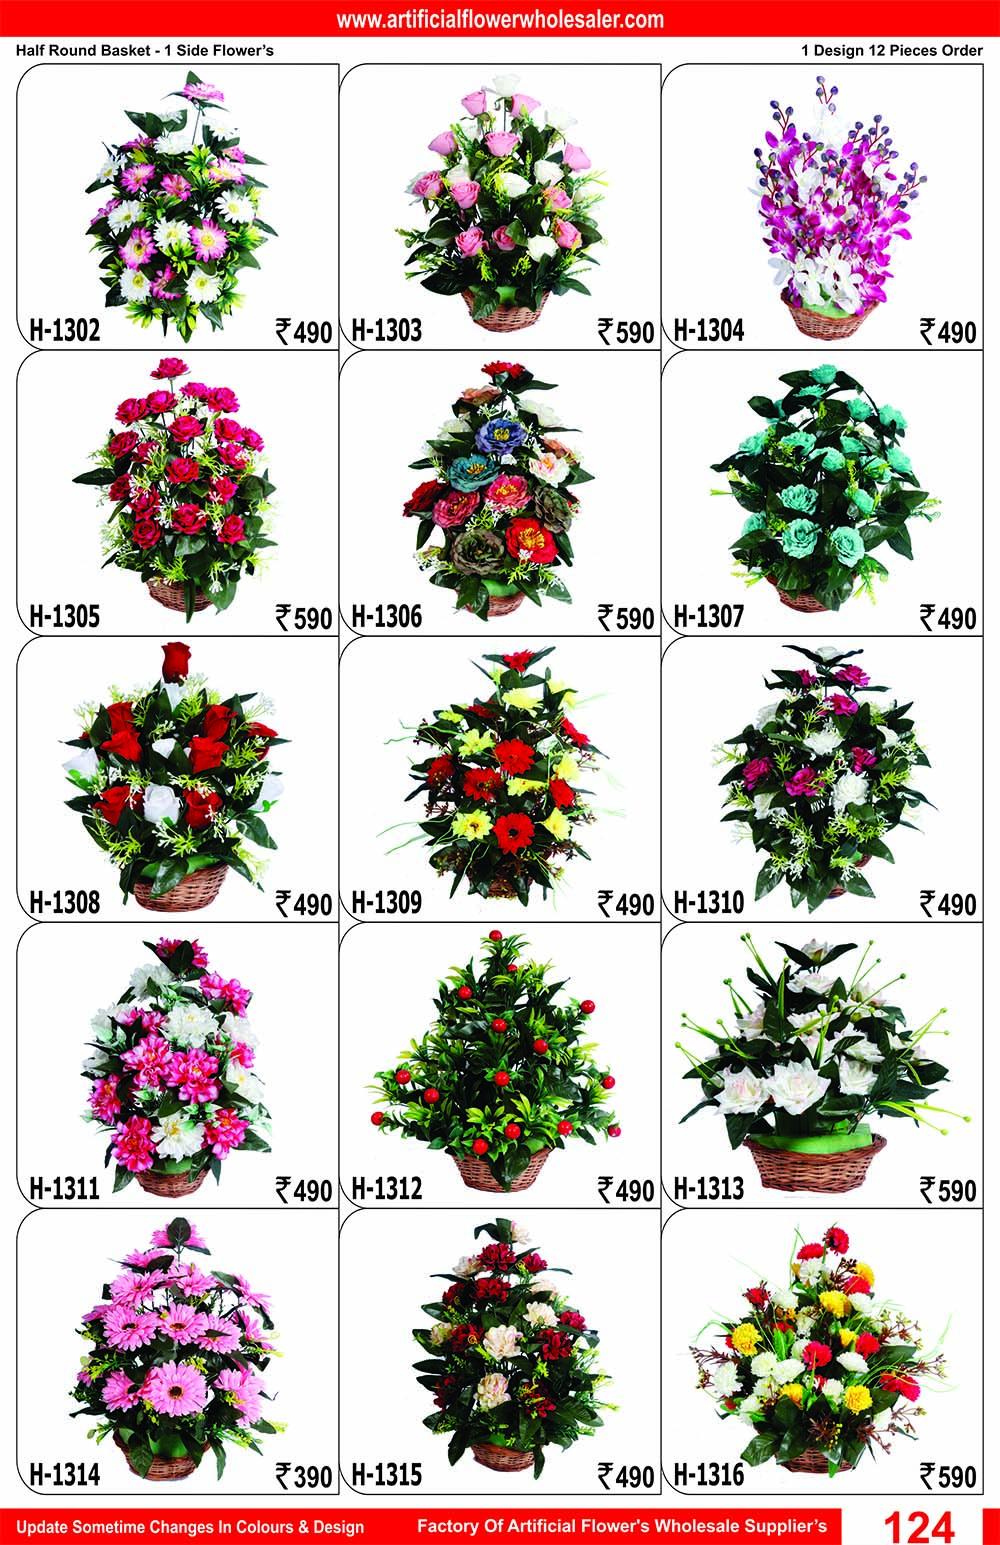 124-artificial-flower-wholesaler